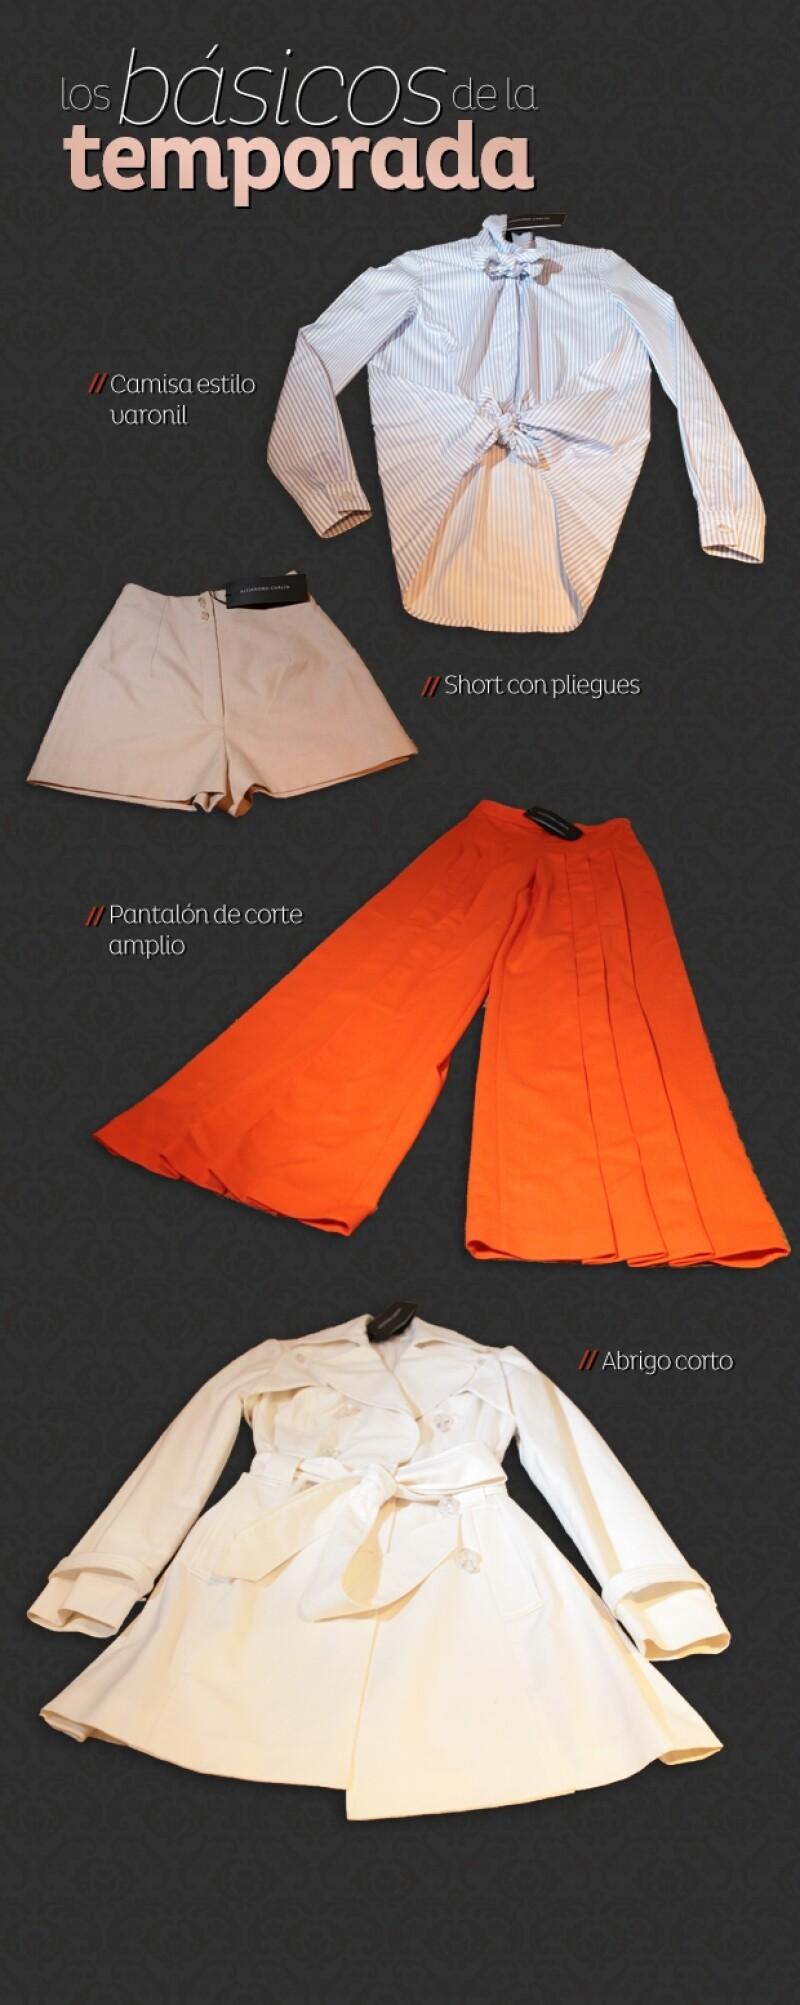 El diseñador de moda sugiere conseguir un estilo romántico y, a la vez, sensual combinando prendas ajustadas con holgadas en colores claros.